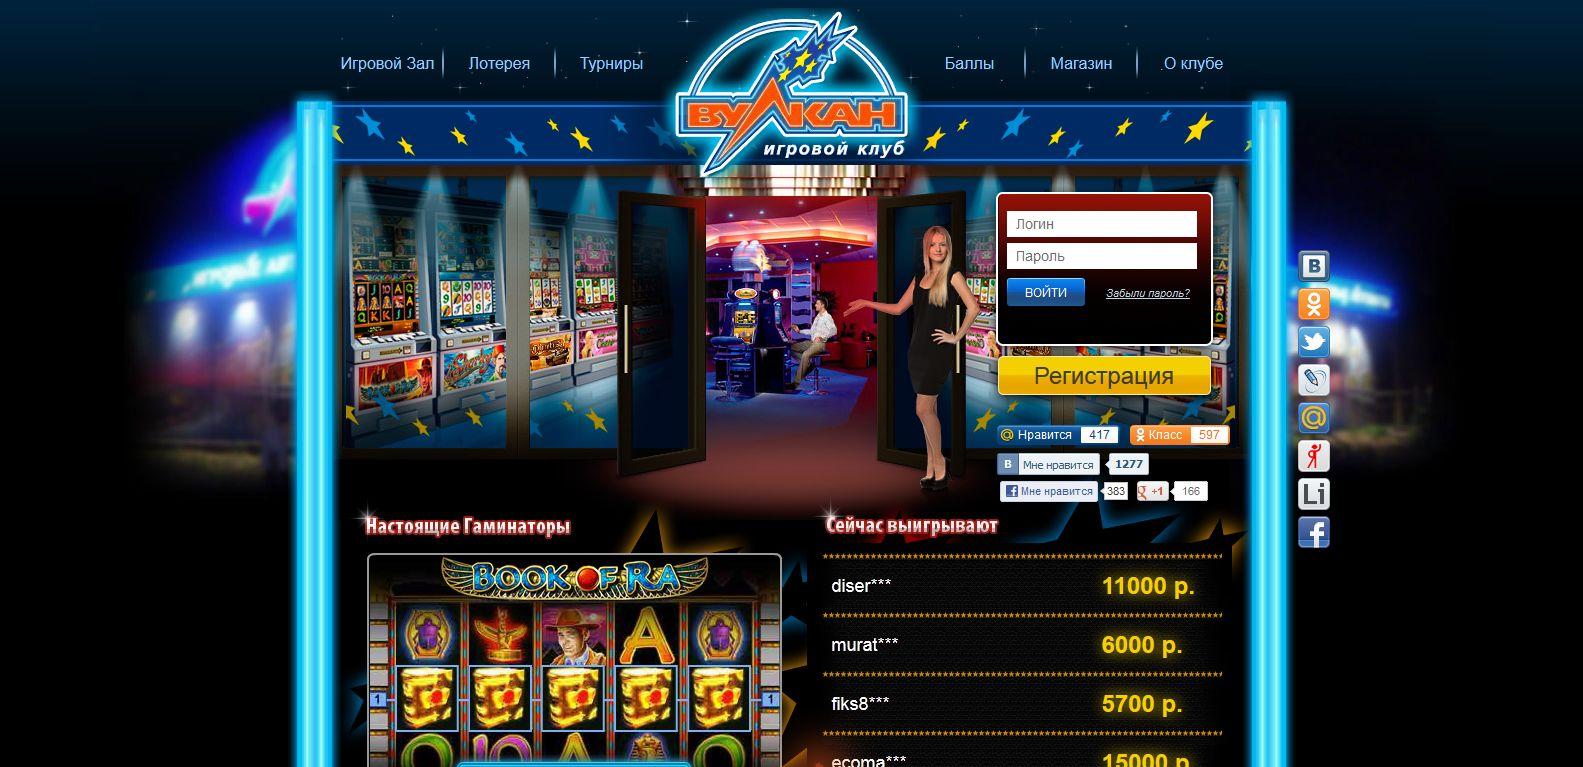 Интеграция игр в казино